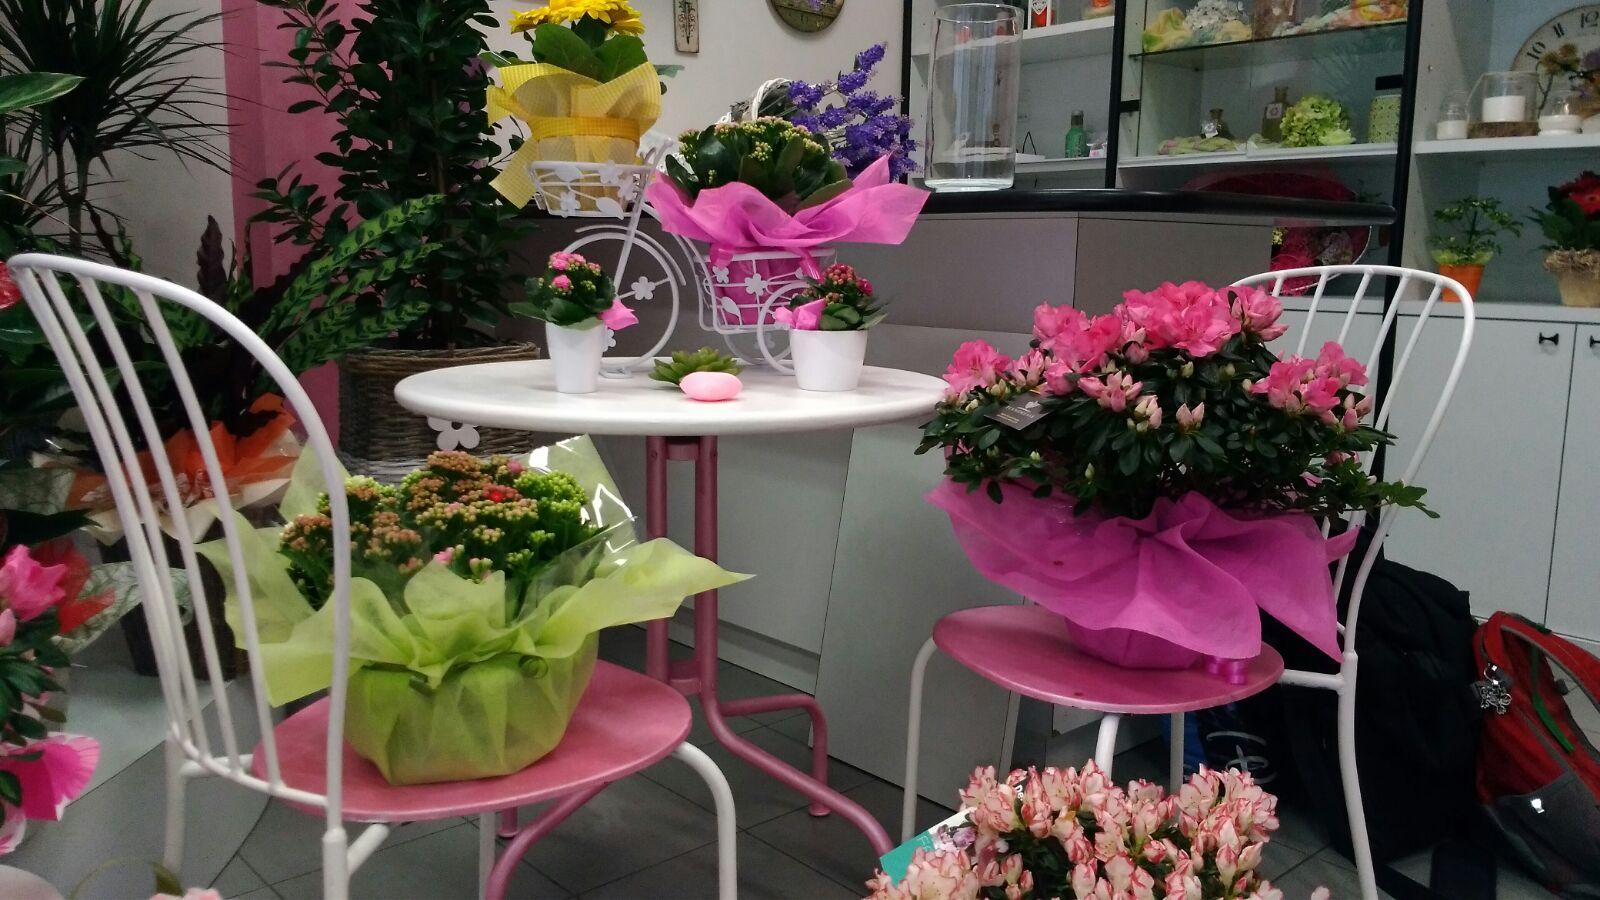 piante su tavolini all'interno di negozio di fiori